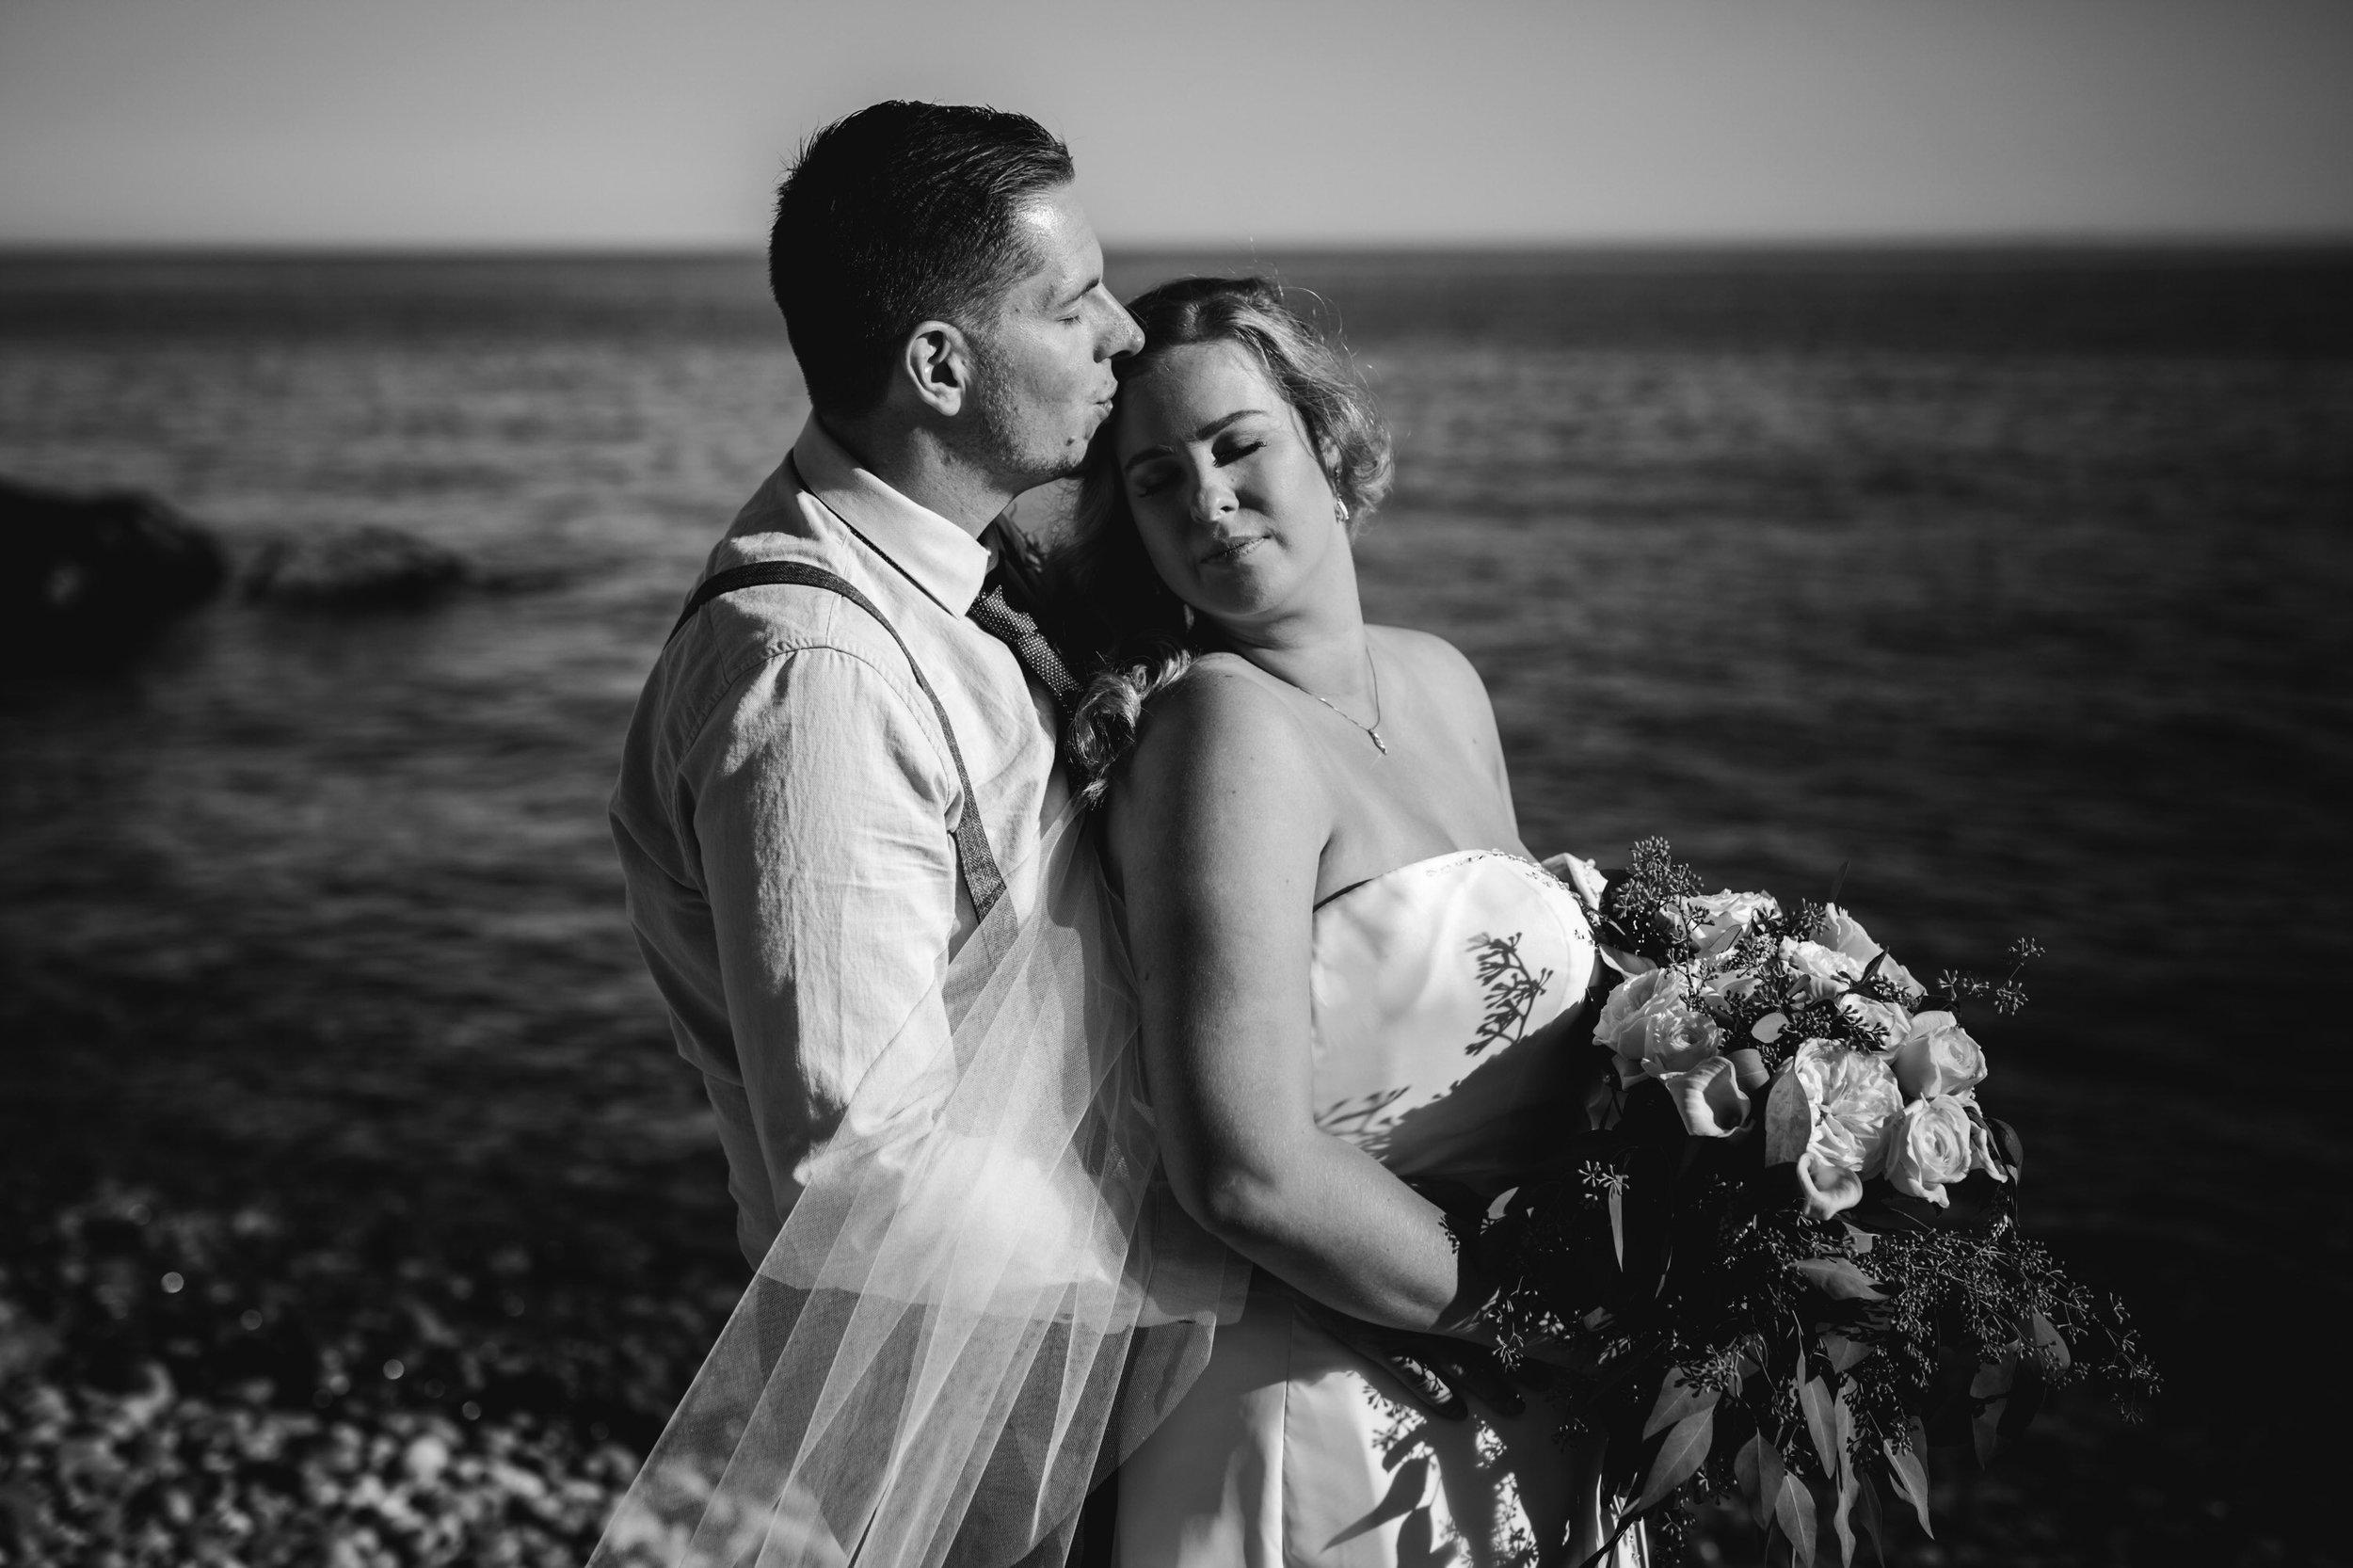 Sunshine Coast Wedding Photographer, Vancouver Wedding Photographer, Jennifer Picard Photography, Vancouver Wedding Photo and Video Team